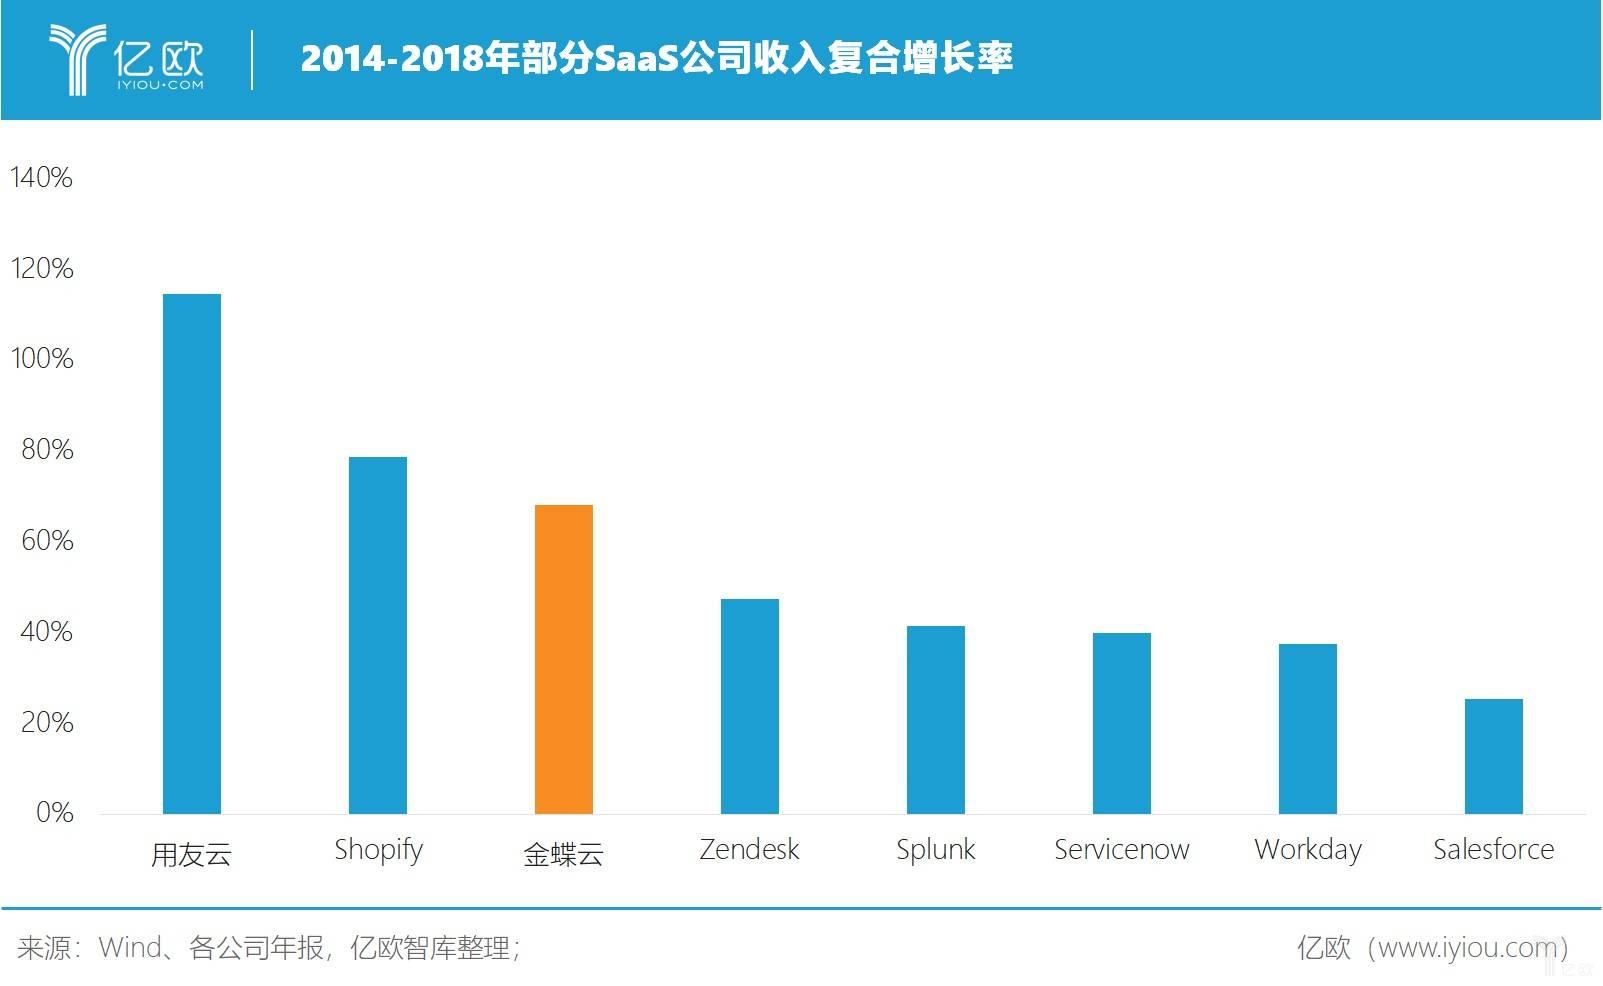 亿欧智库:部分SaaS公司收入复合增长率